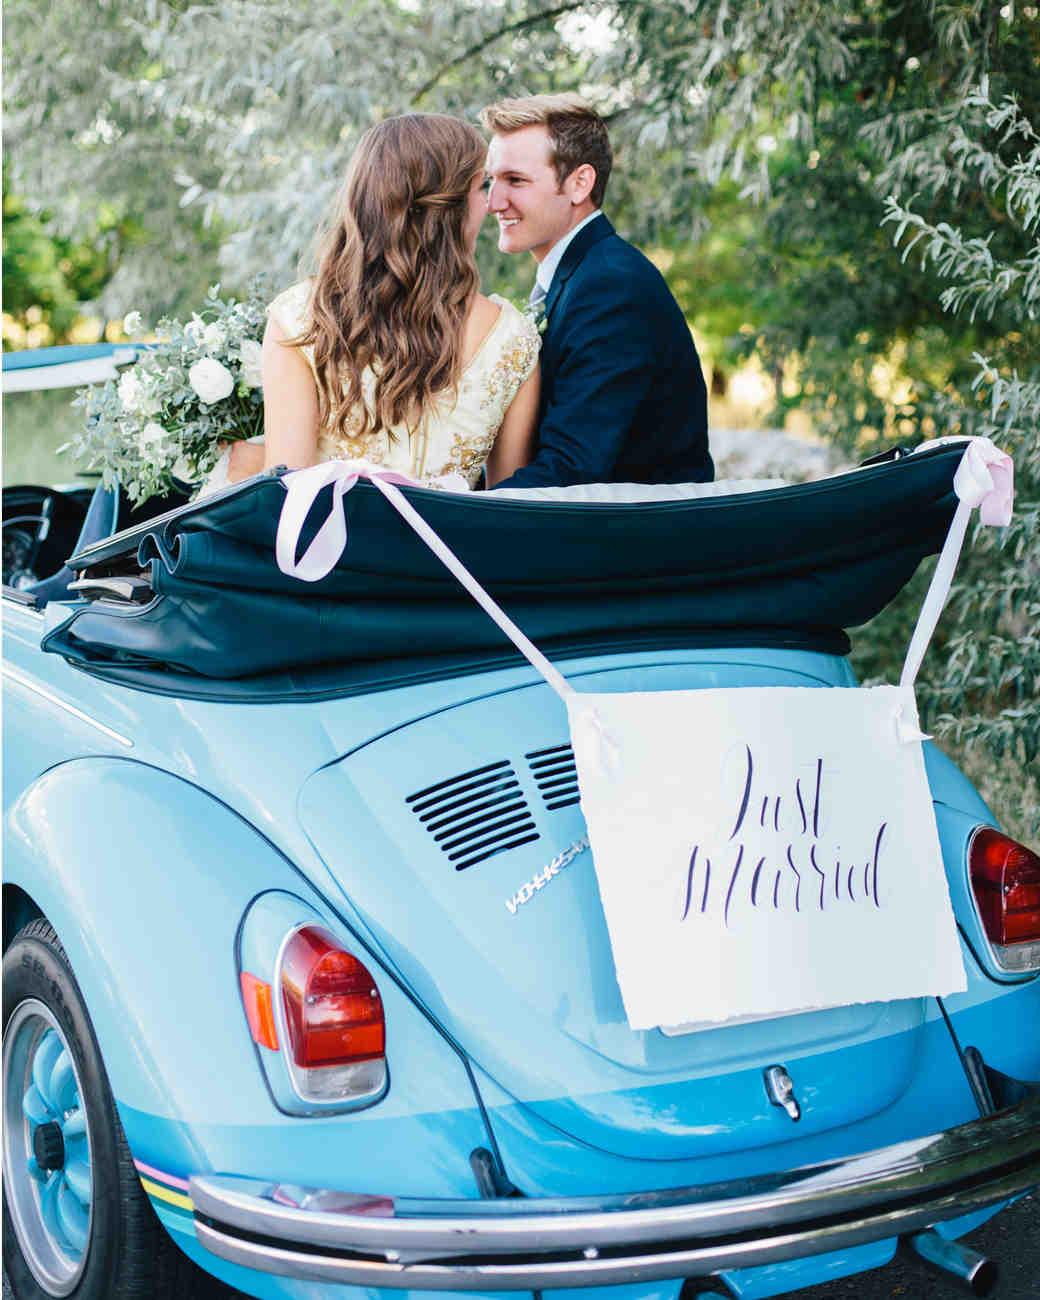 mackenzie-boman-wedding-car-174-s112693-0316.jpg